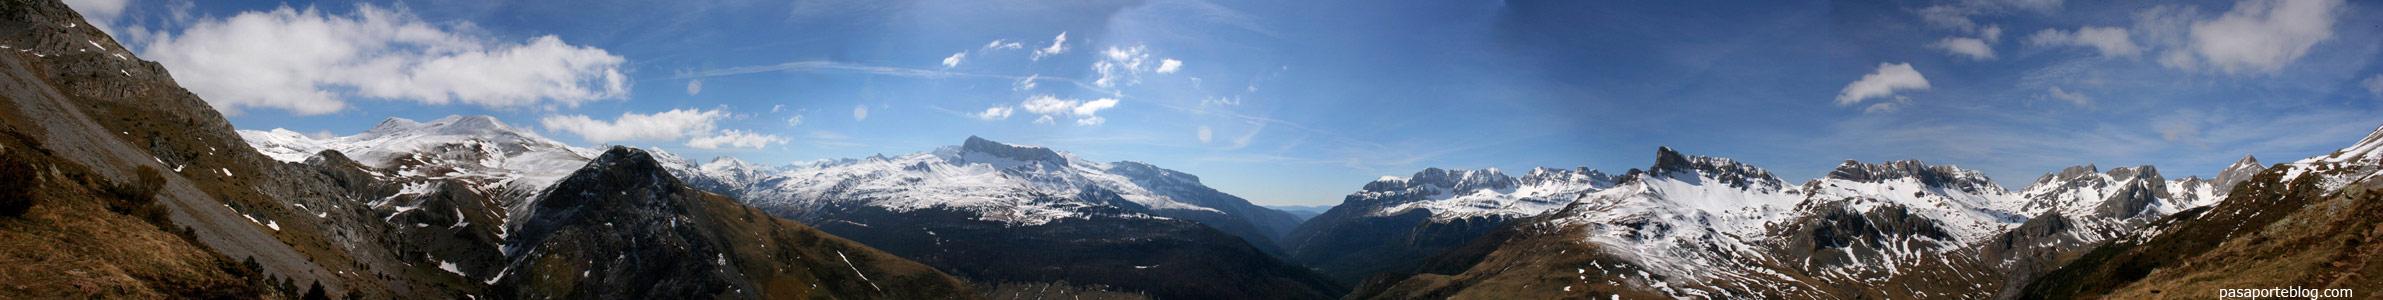 vista panorámica 320 grados Valle de Hecho y Valle de Ansó, Pirineos